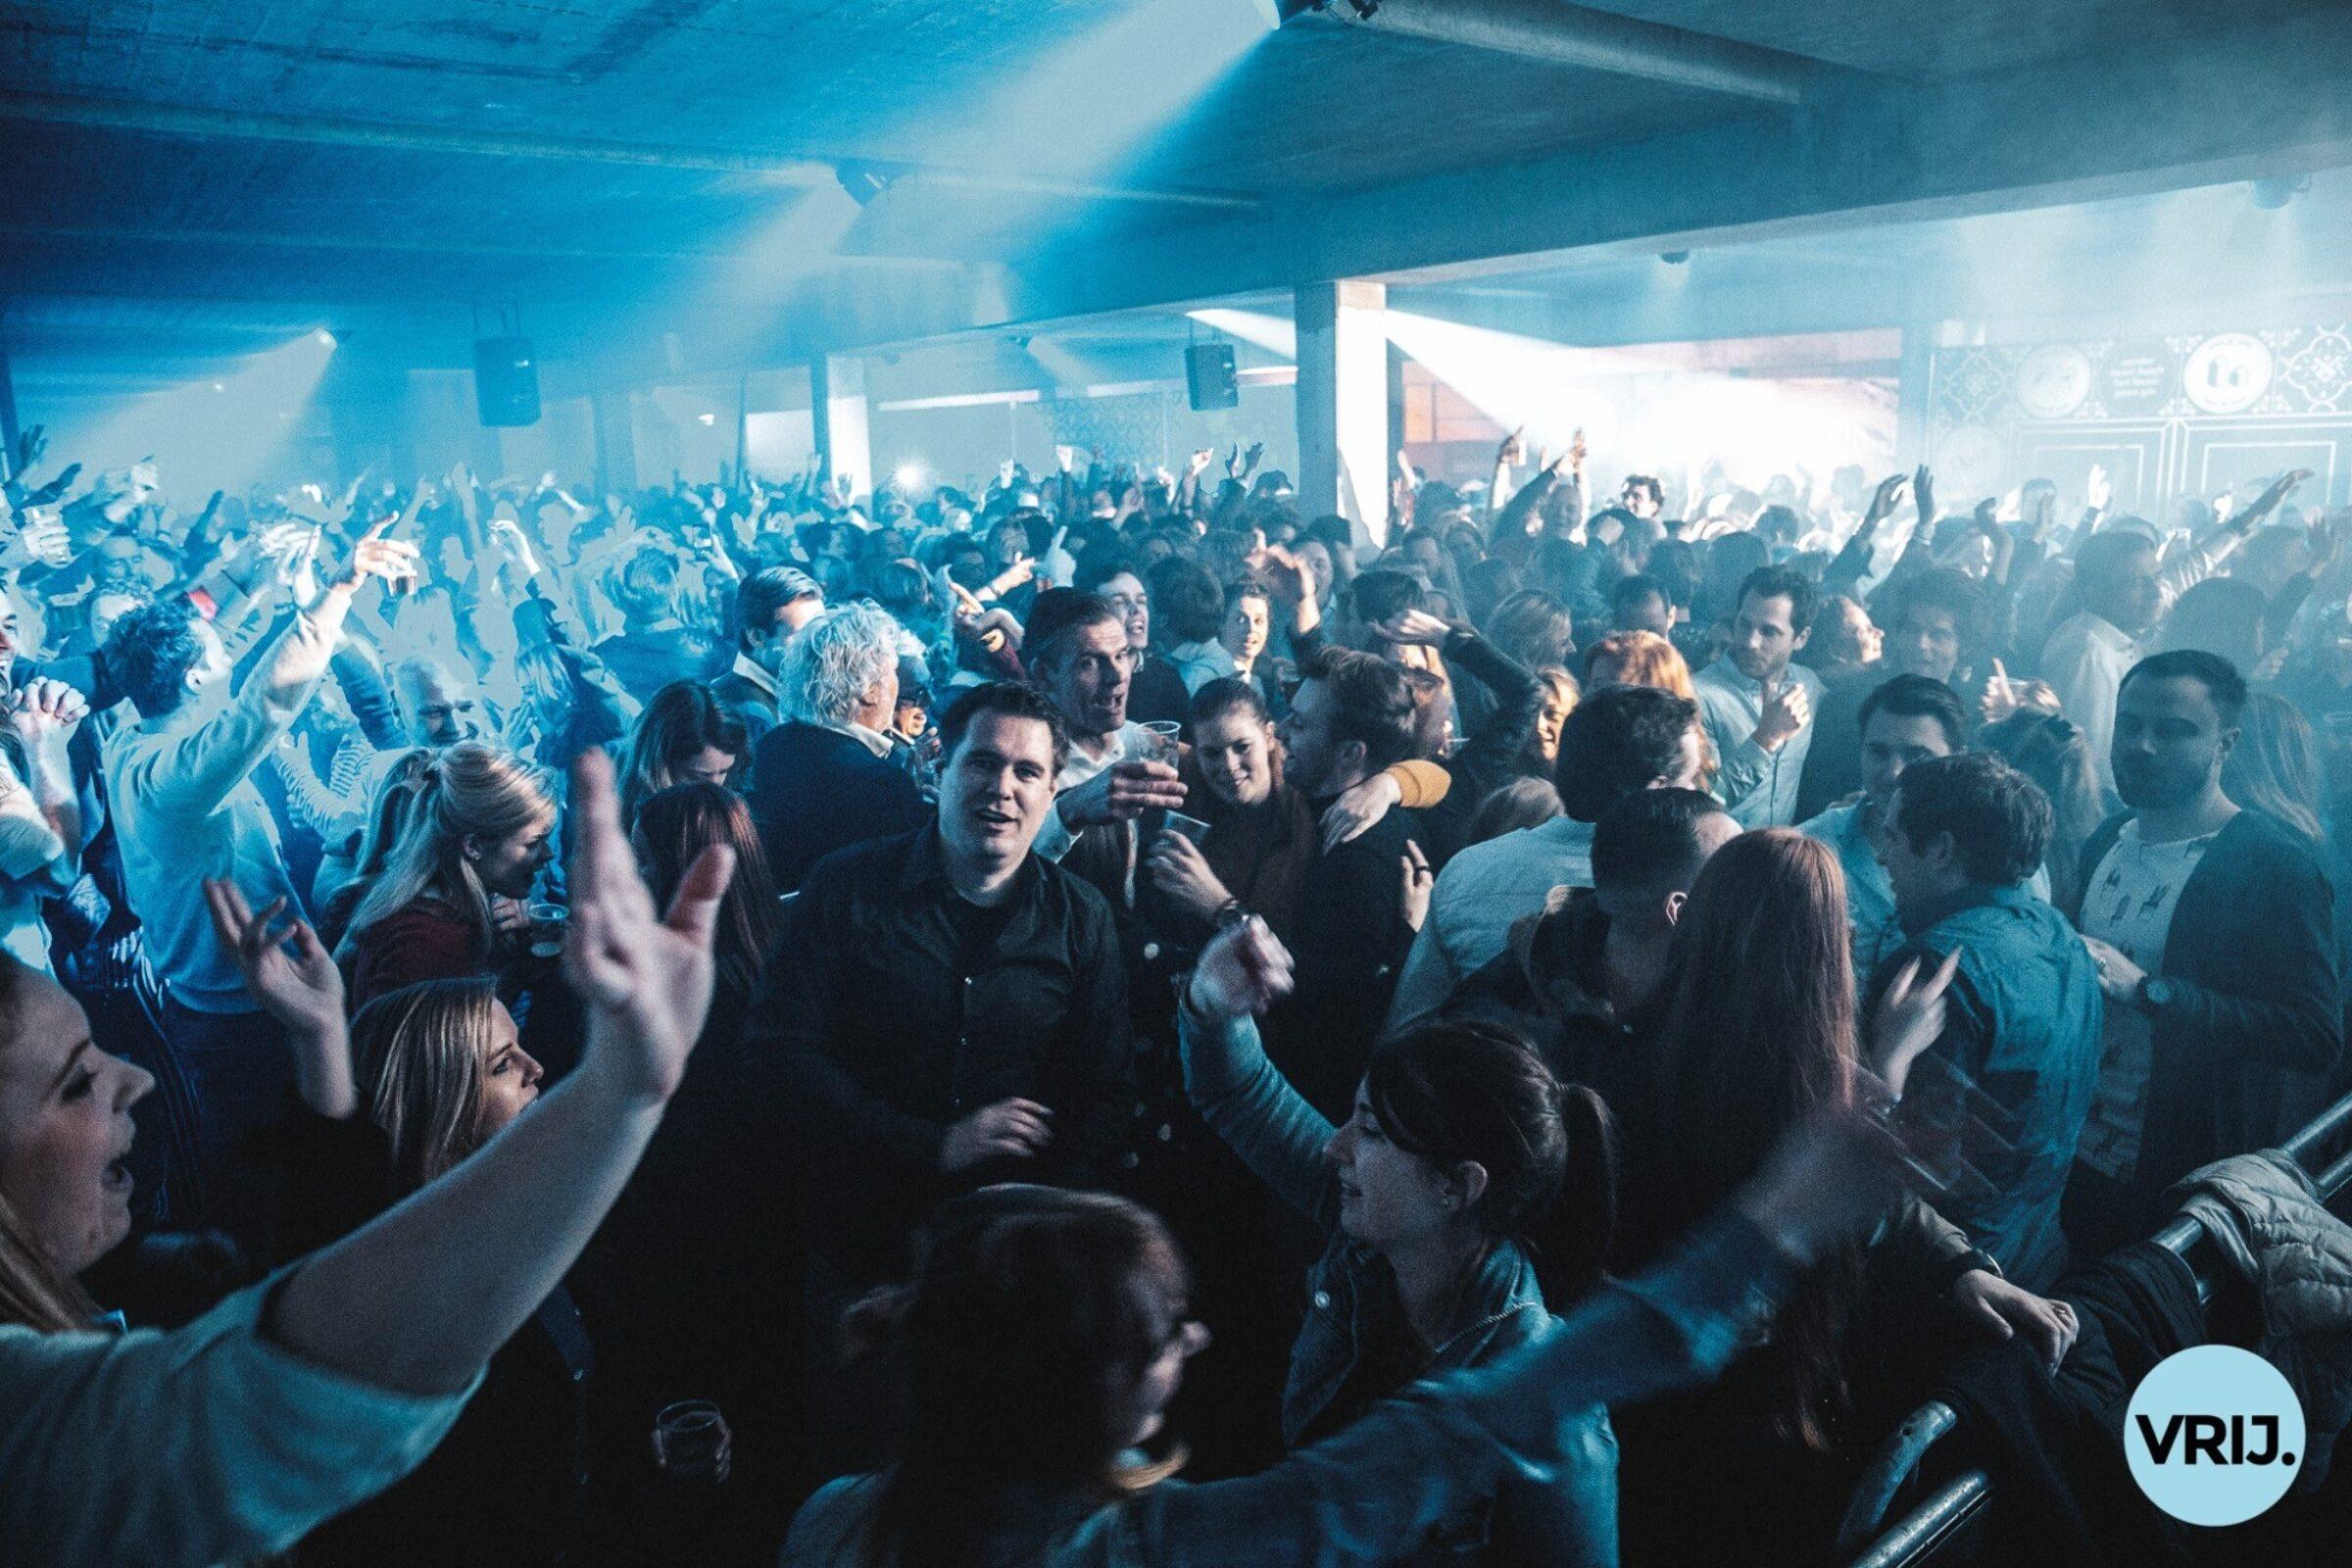 VRIJ-Festival-Enschede-Vliegveld-Twenthe